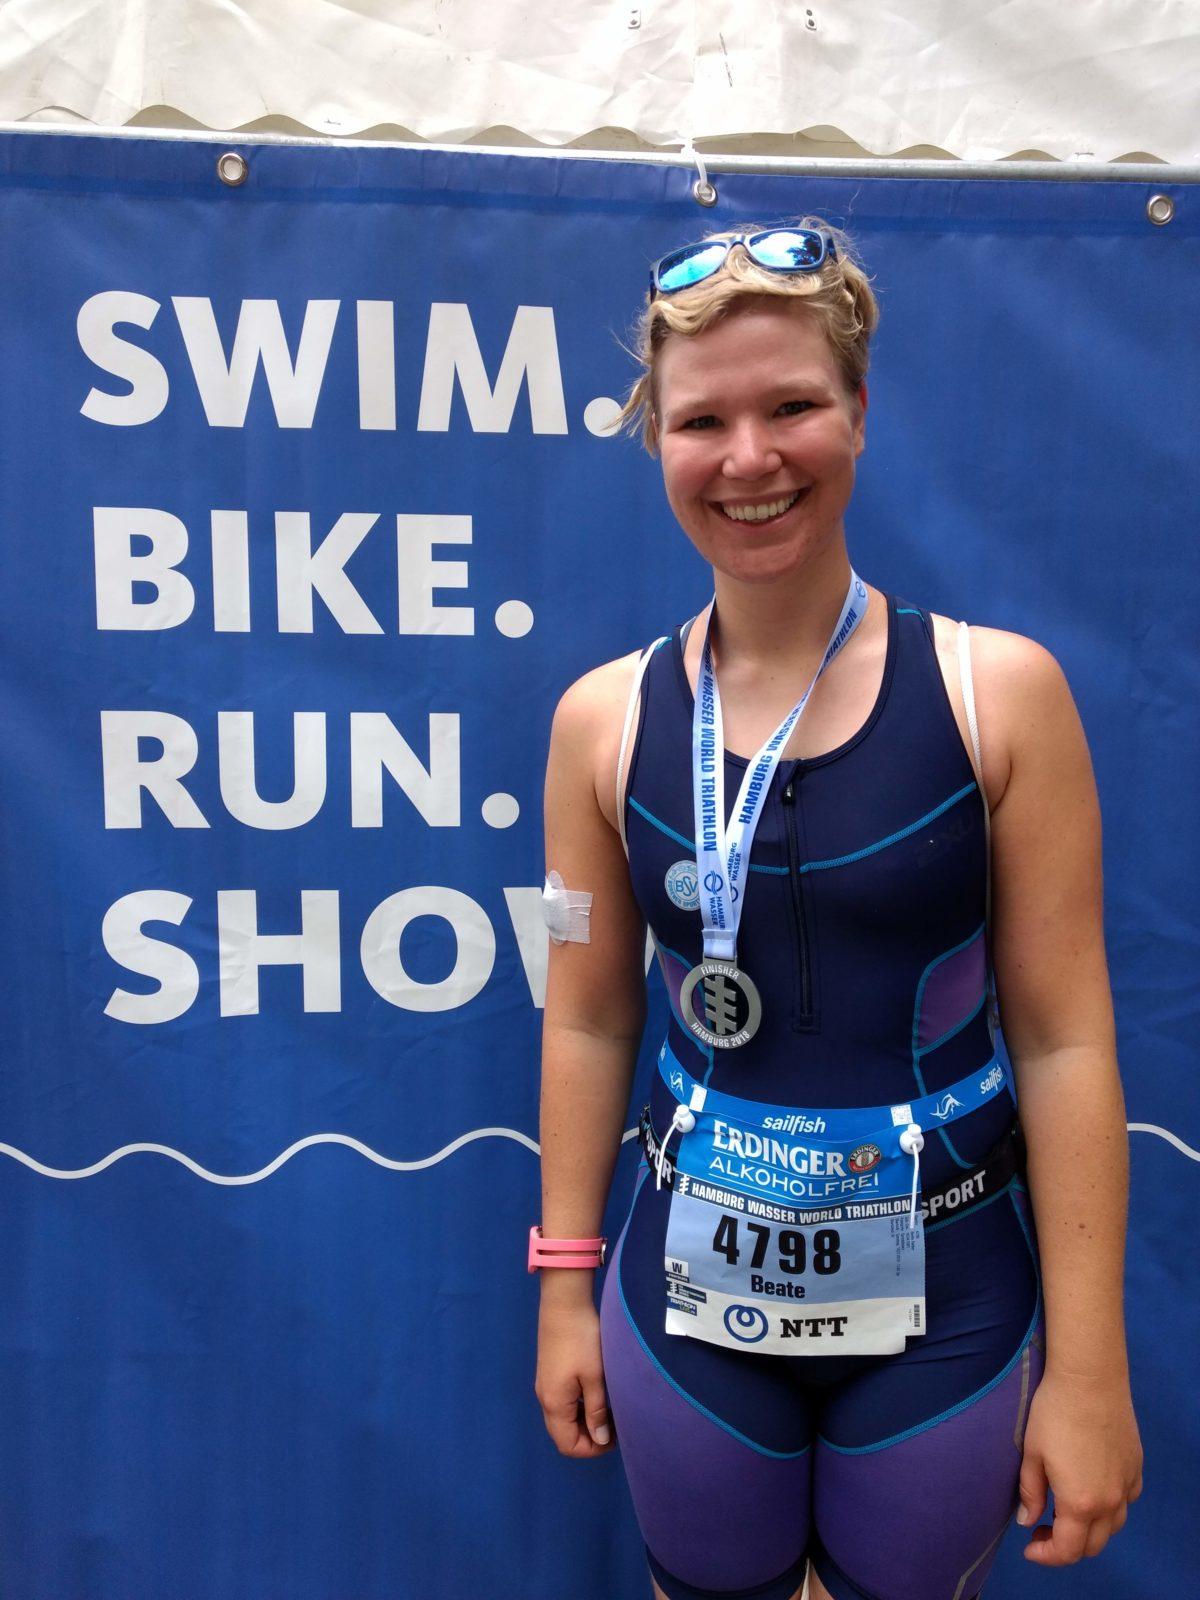 Mein erster Triathlon (Sprintdistanz)